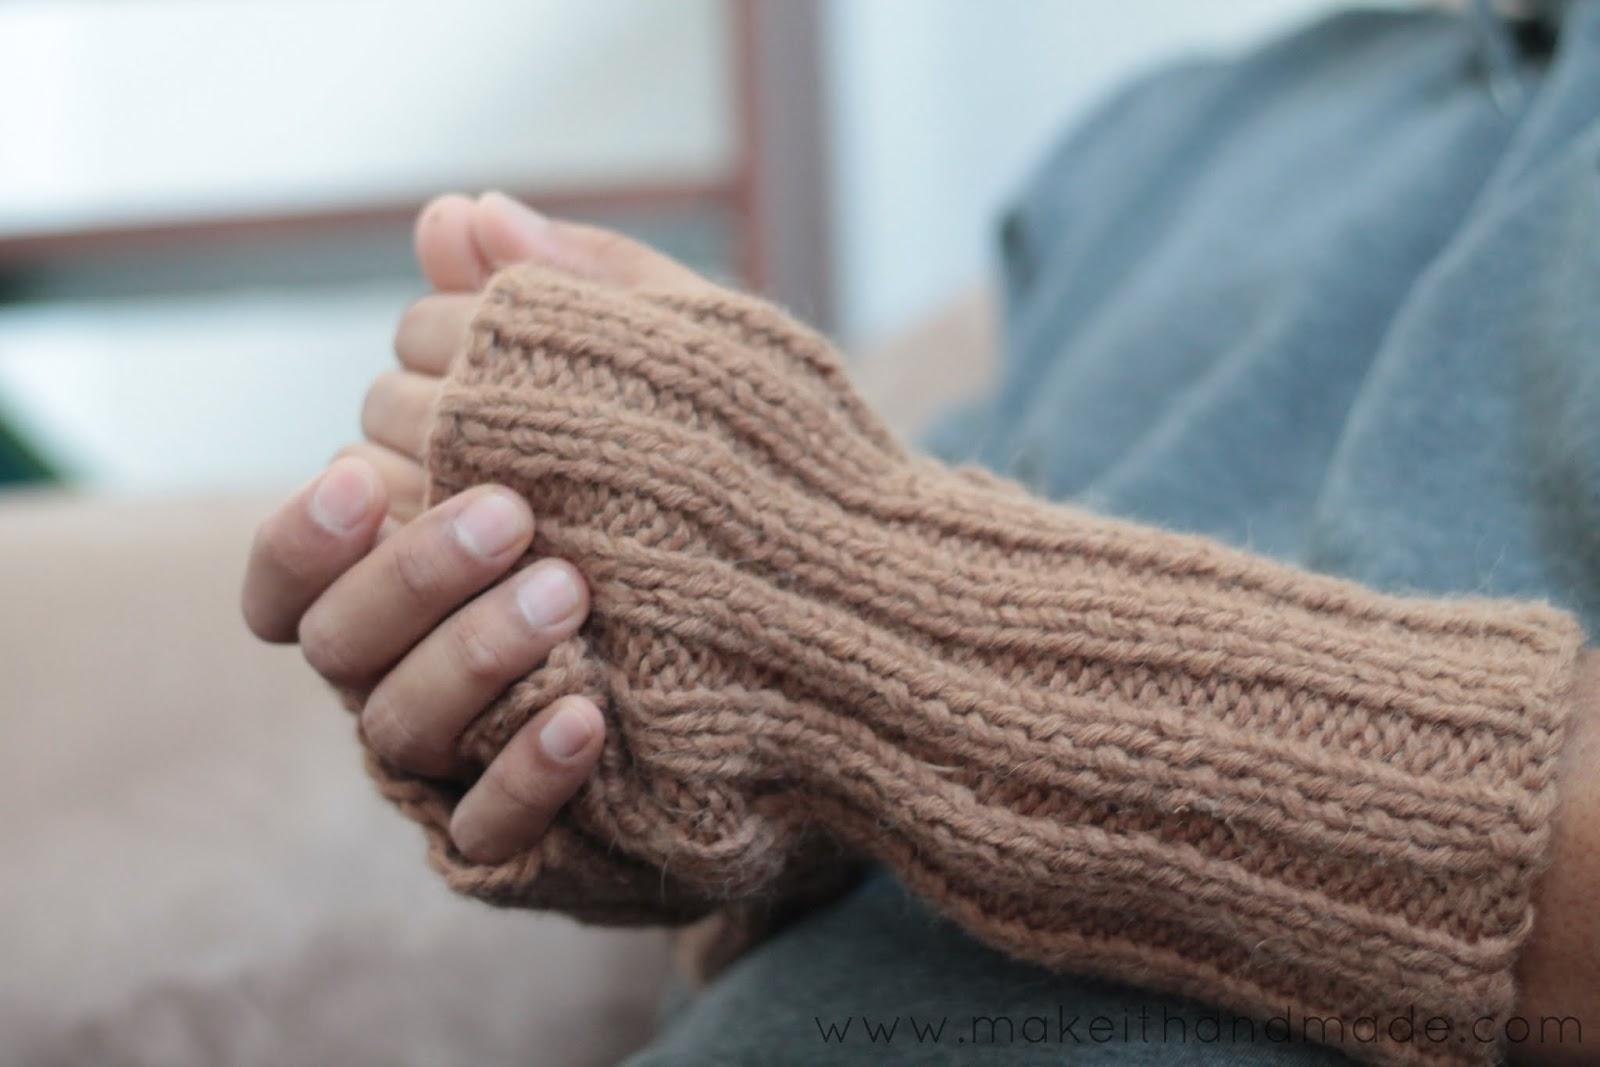 Fingerless gloves how to make - Sweater To Fingerless Glove Tutorial From Make It Handmade